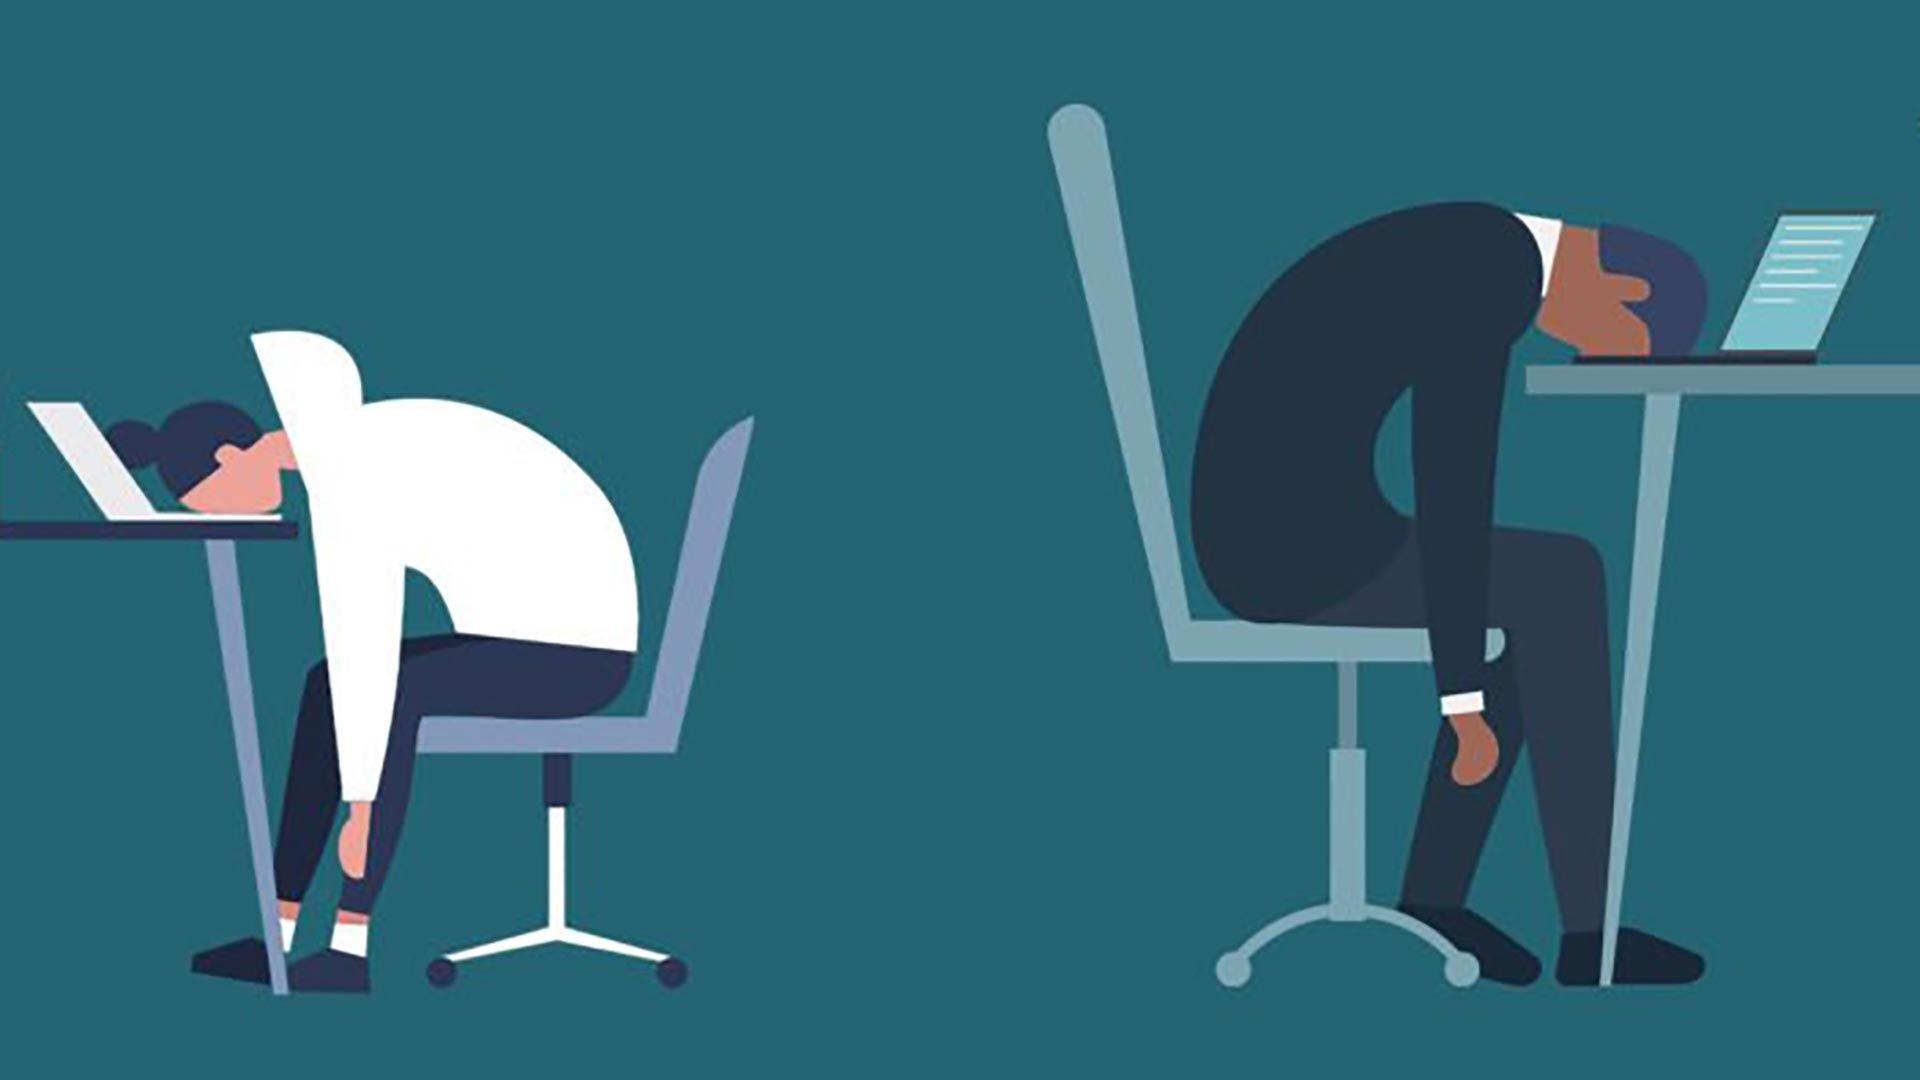 Illustration of burnout